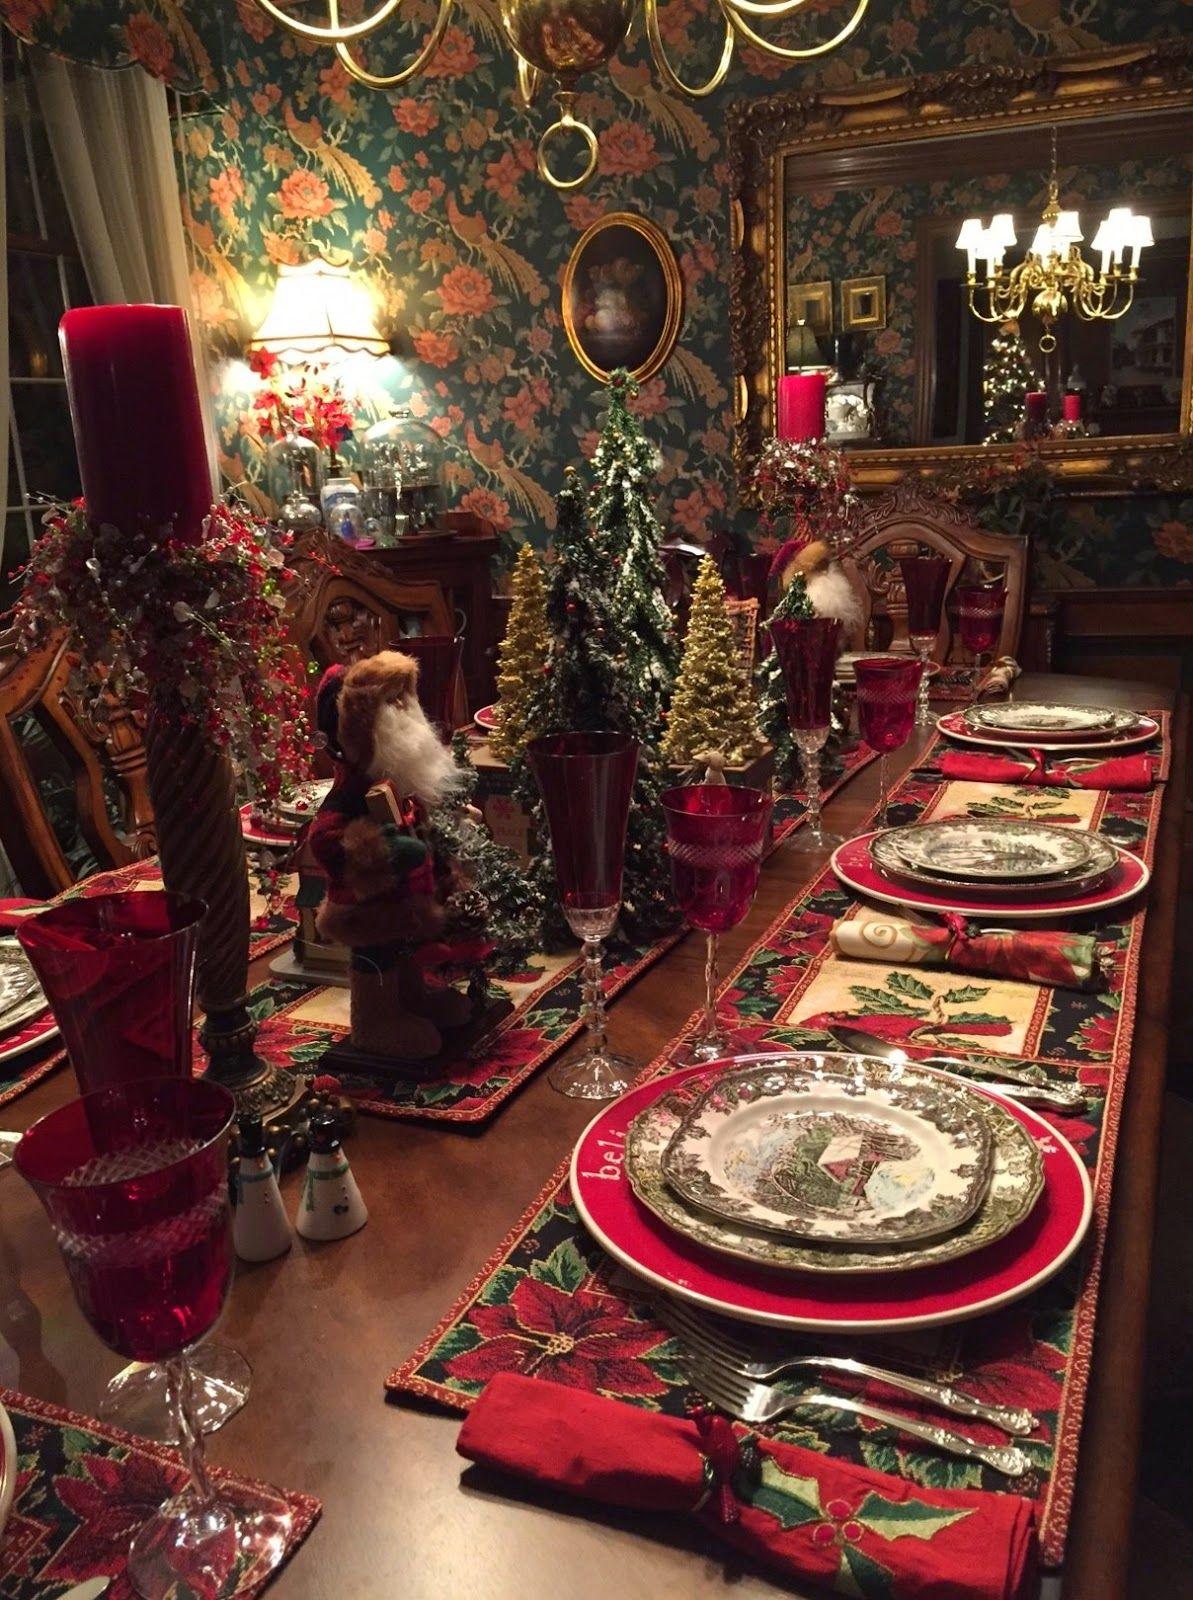 pingl par susan michele sur christmas pinterest no l table et table noel. Black Bedroom Furniture Sets. Home Design Ideas